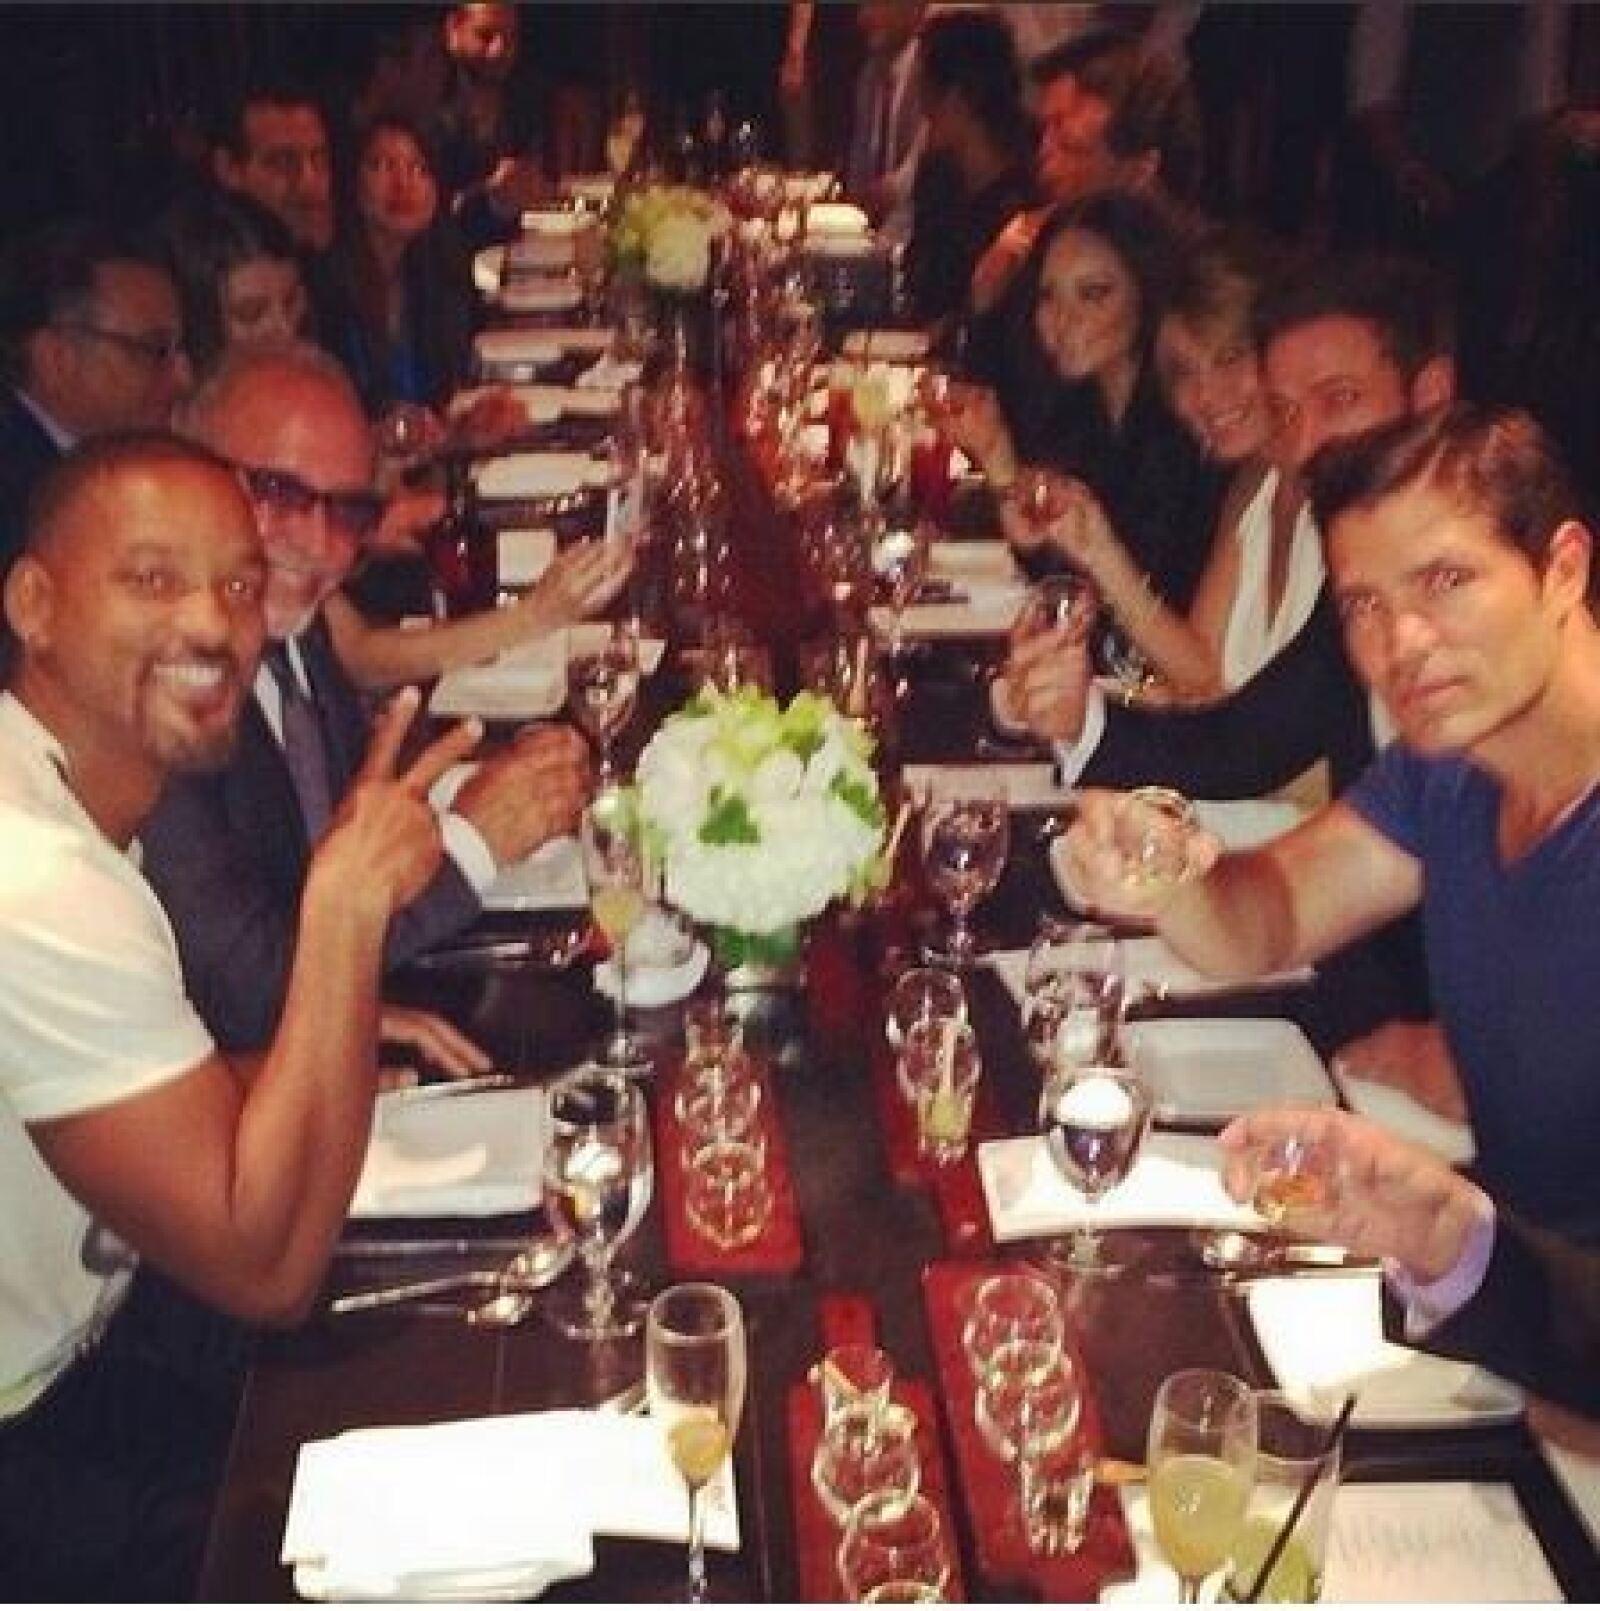 En la cena estuvieron presentes Will Smith, Kate del Castillo, Eva Longoria, Andy García, Diego Boneta, William Levy y Myrka Dellanos y más.